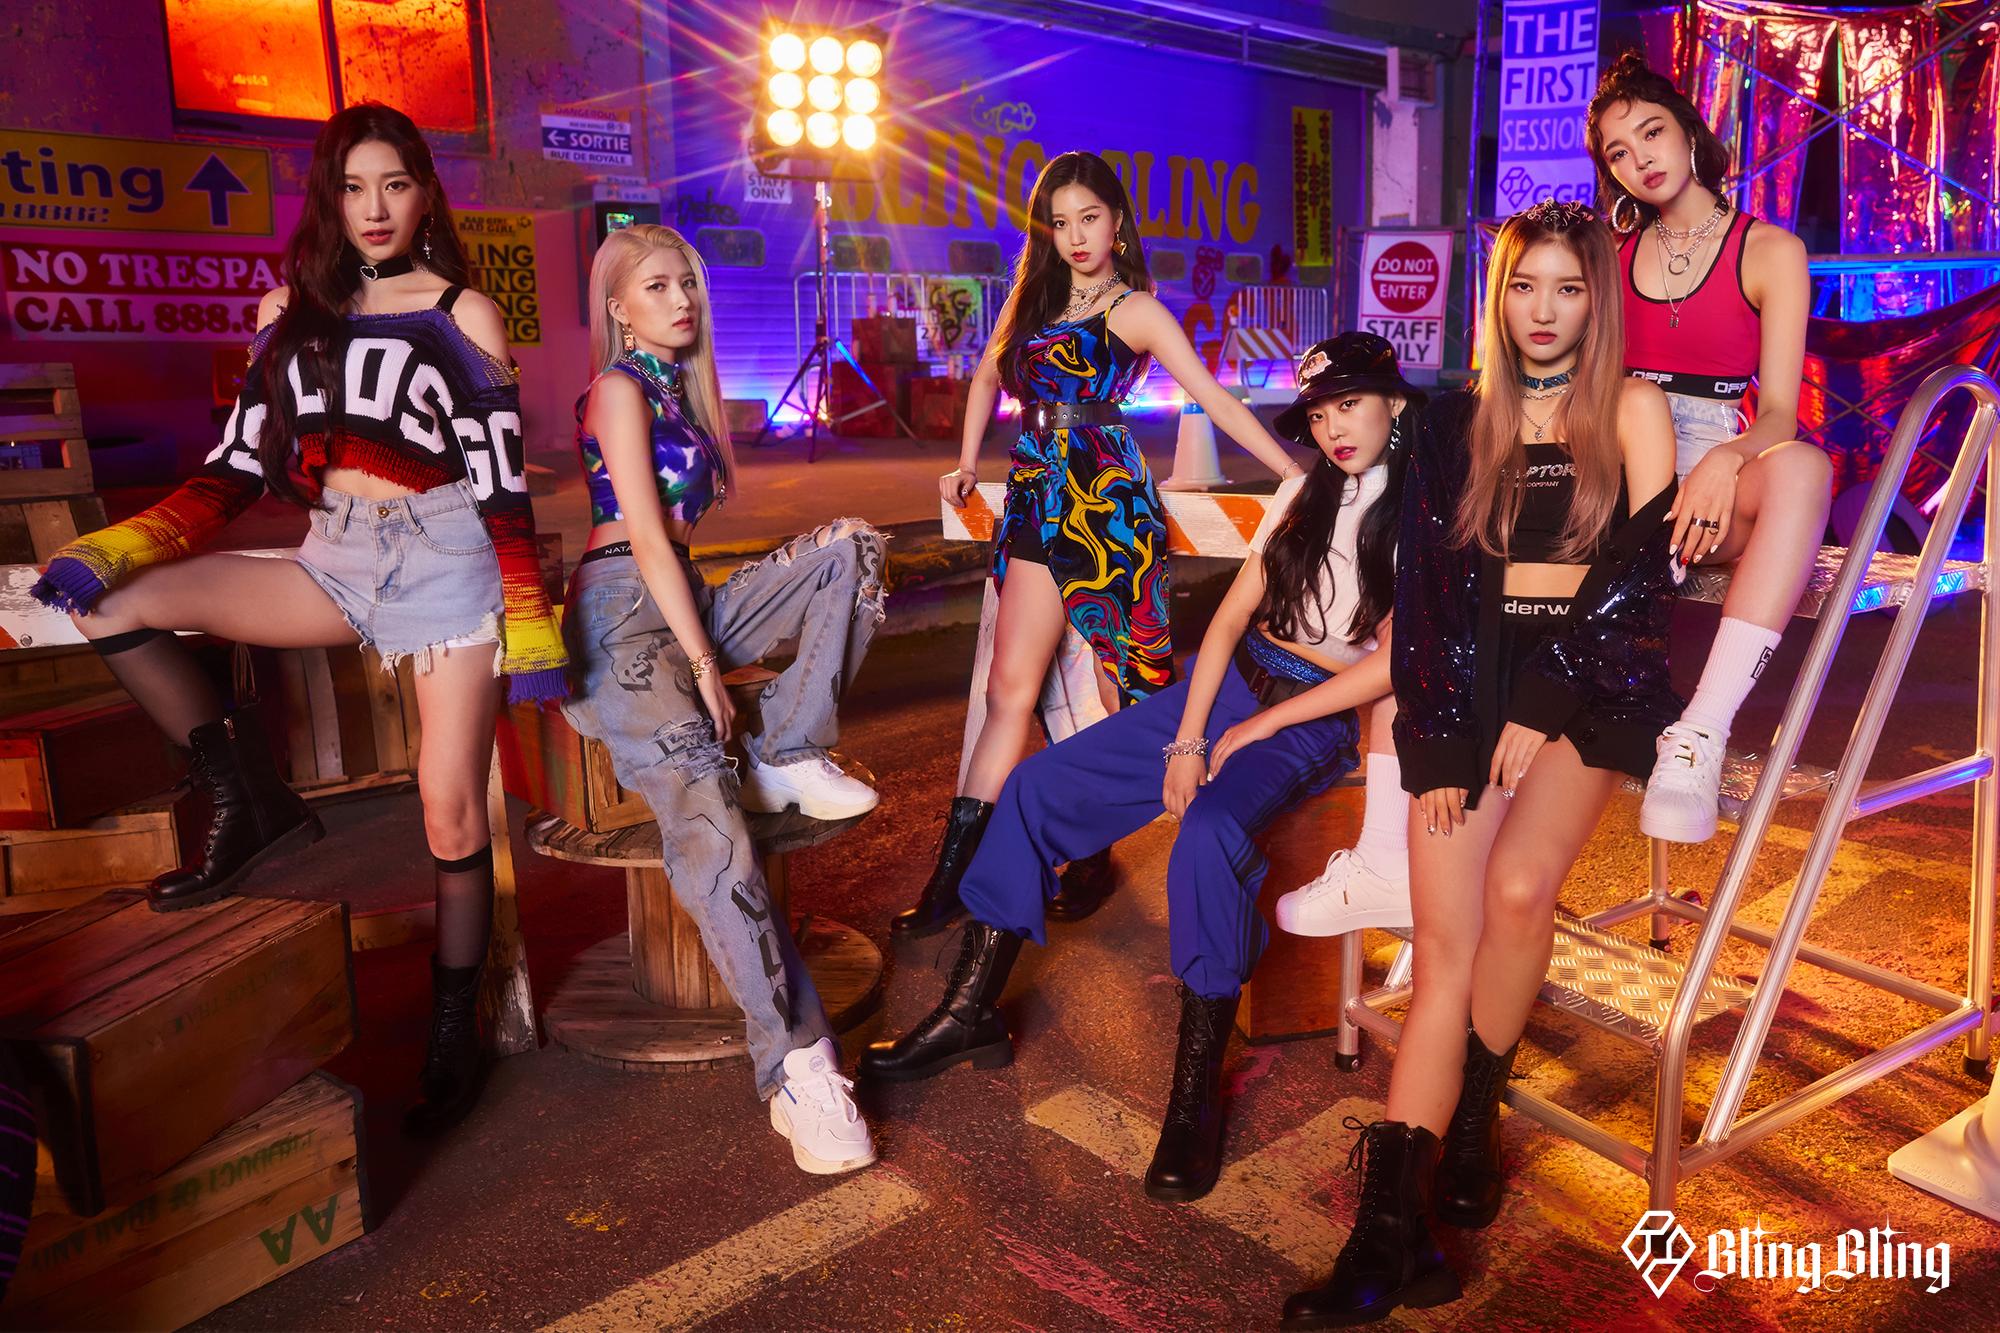 日本人メンバー2名が所属する新生K-POPガールズユニット『Bling Bling』 日韓同時デビュー決定!デビュー曲「G.G.B」11月18日0時より配信開始!